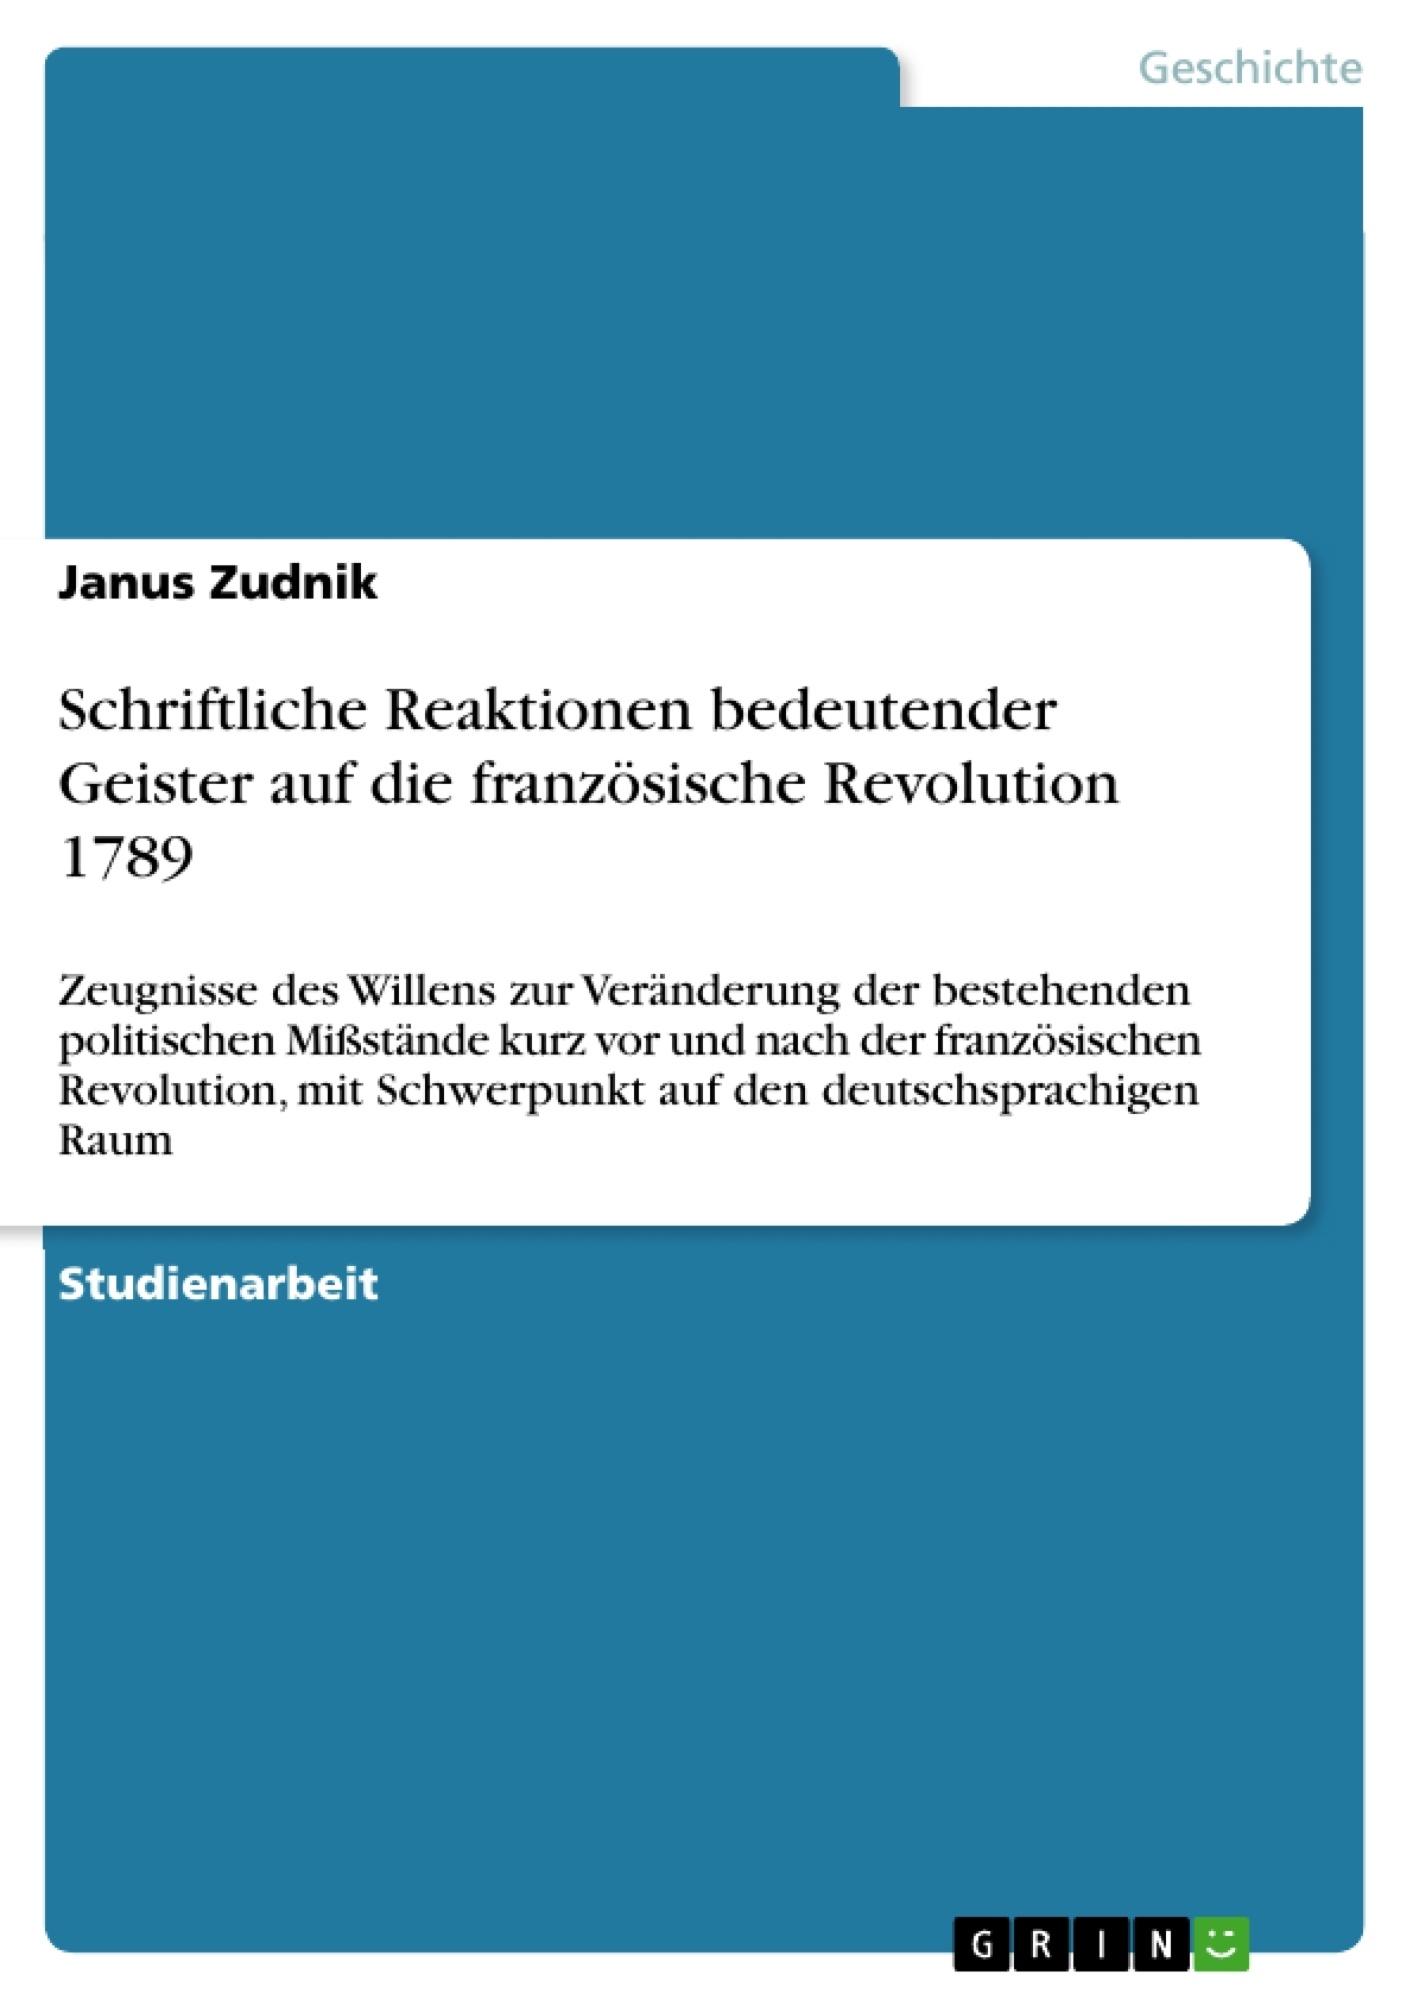 Titel: Schriftliche Reaktionen bedeutender Geister auf die französische Revolution 1789